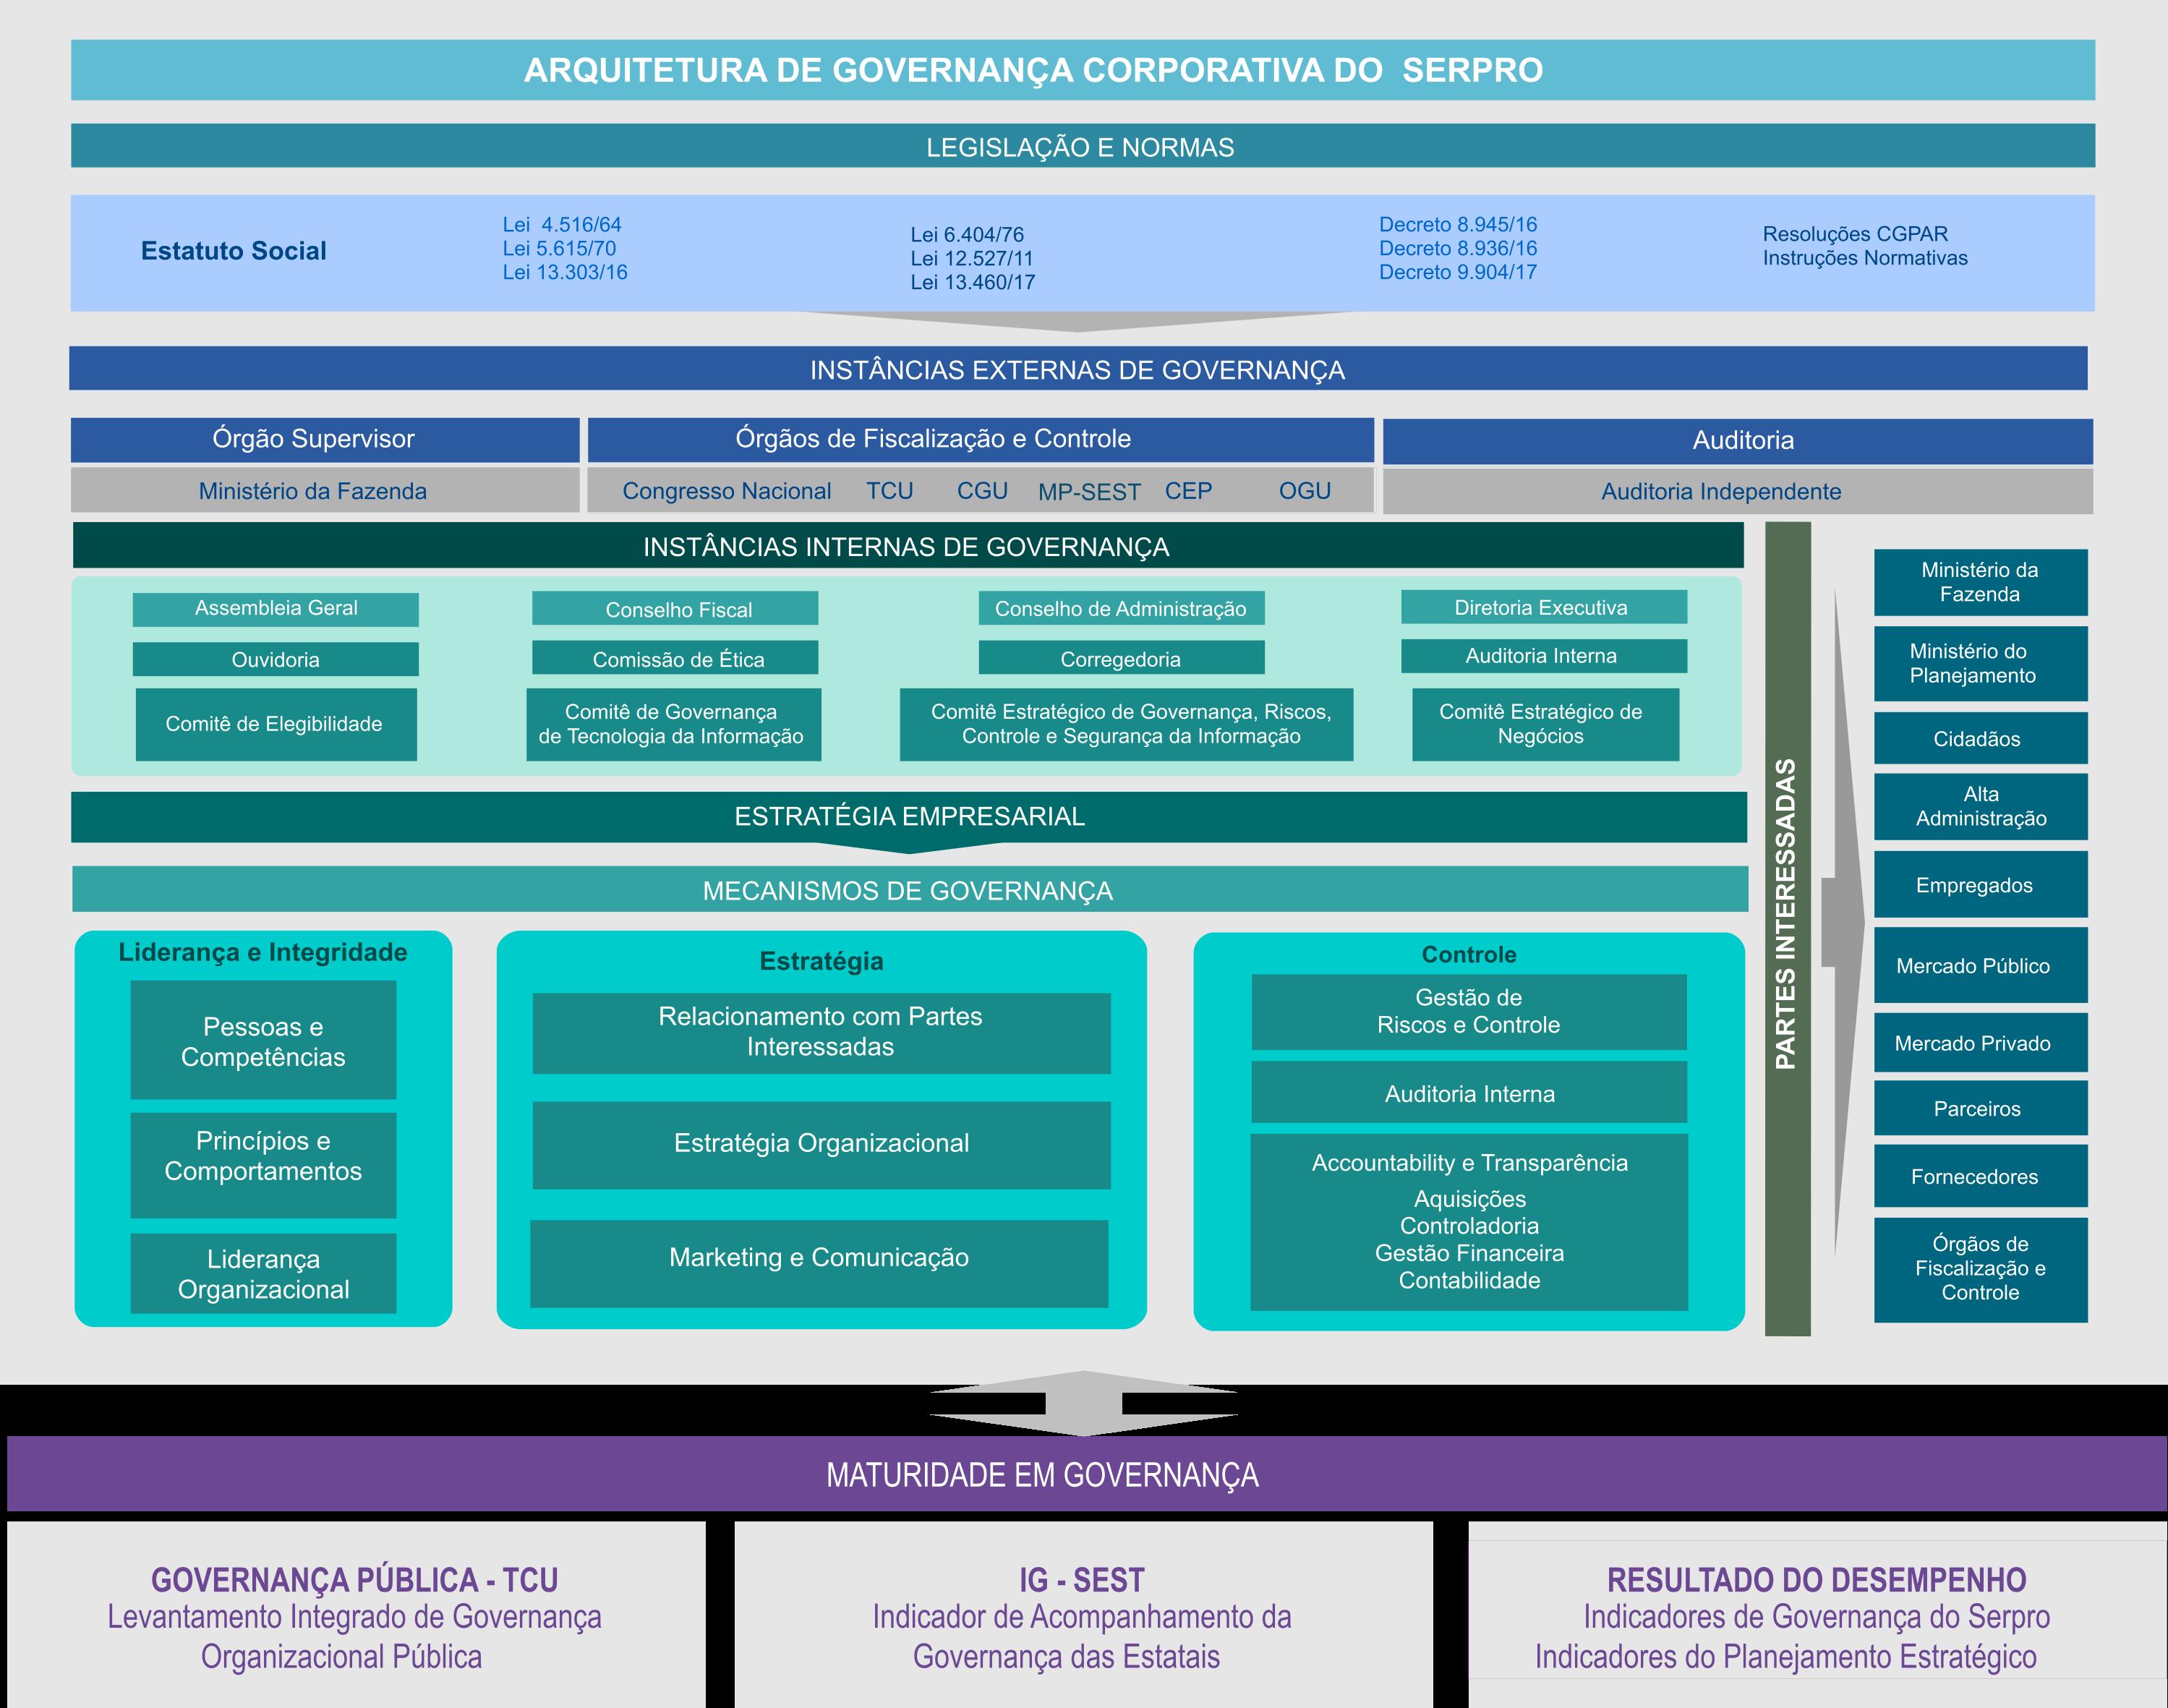 Arquitetura de Governança